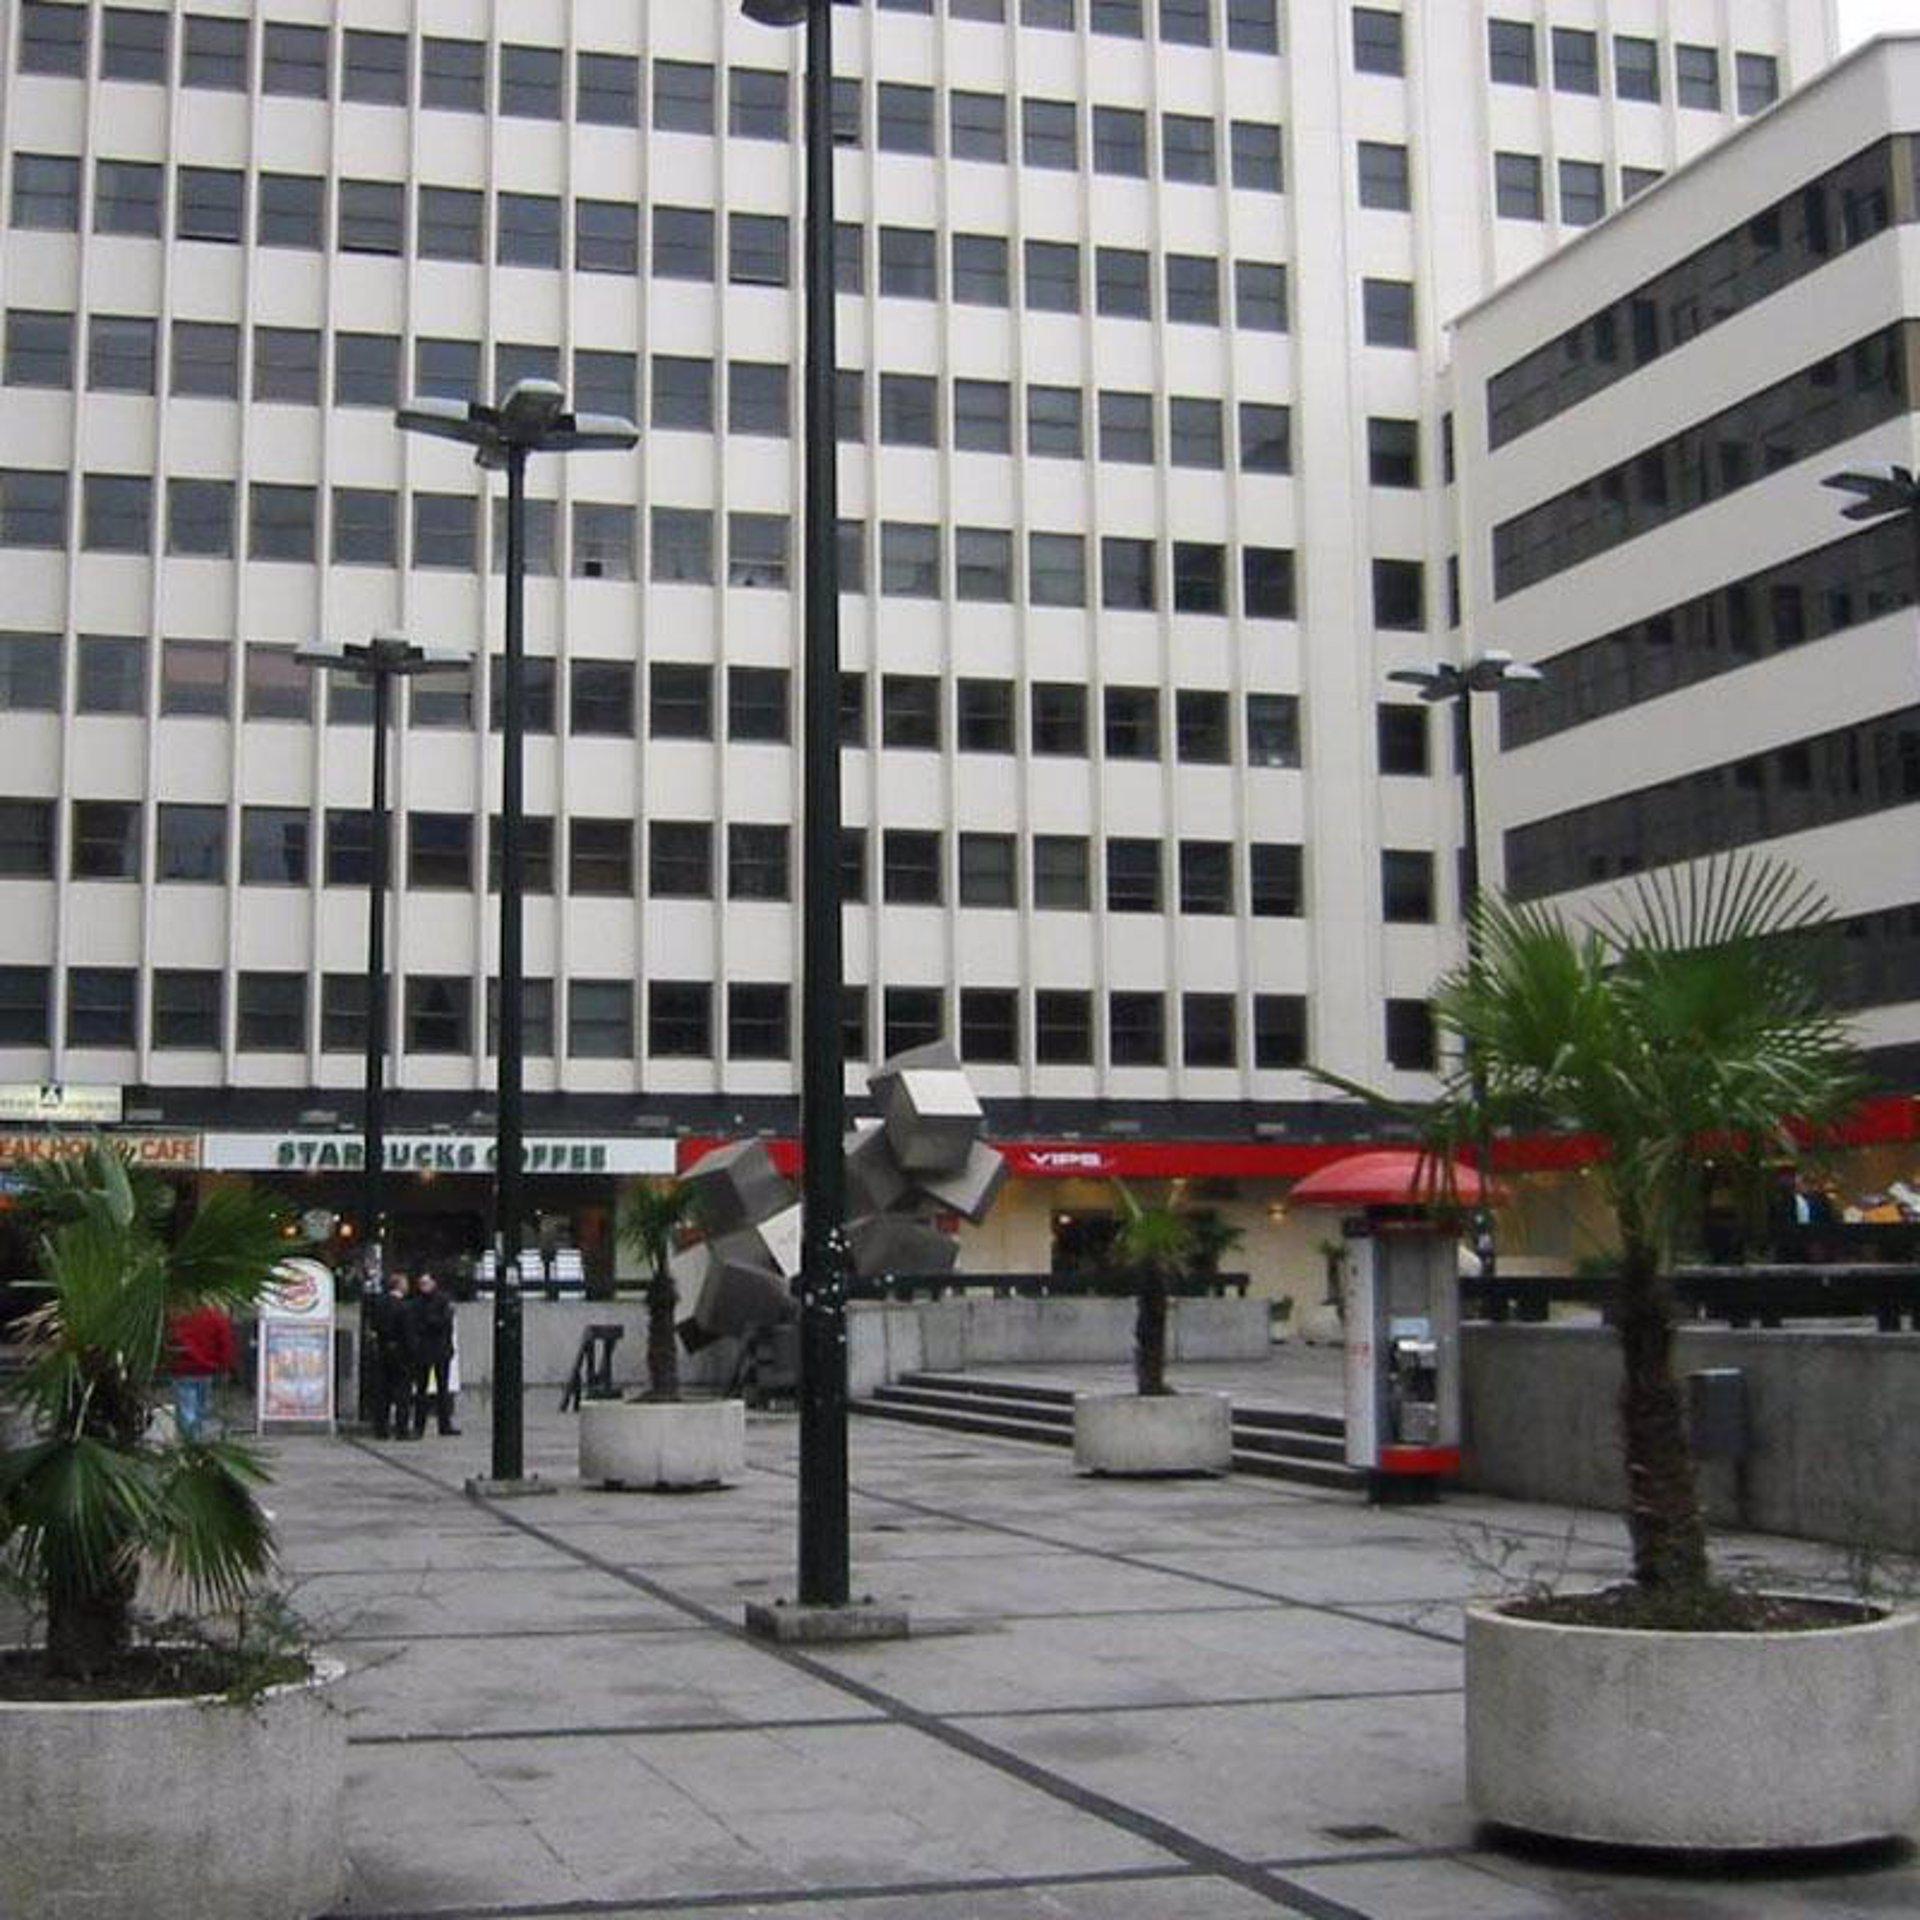 La agrupaci n de sedes judiciales se inicia con la for Plaza los cubos madrid